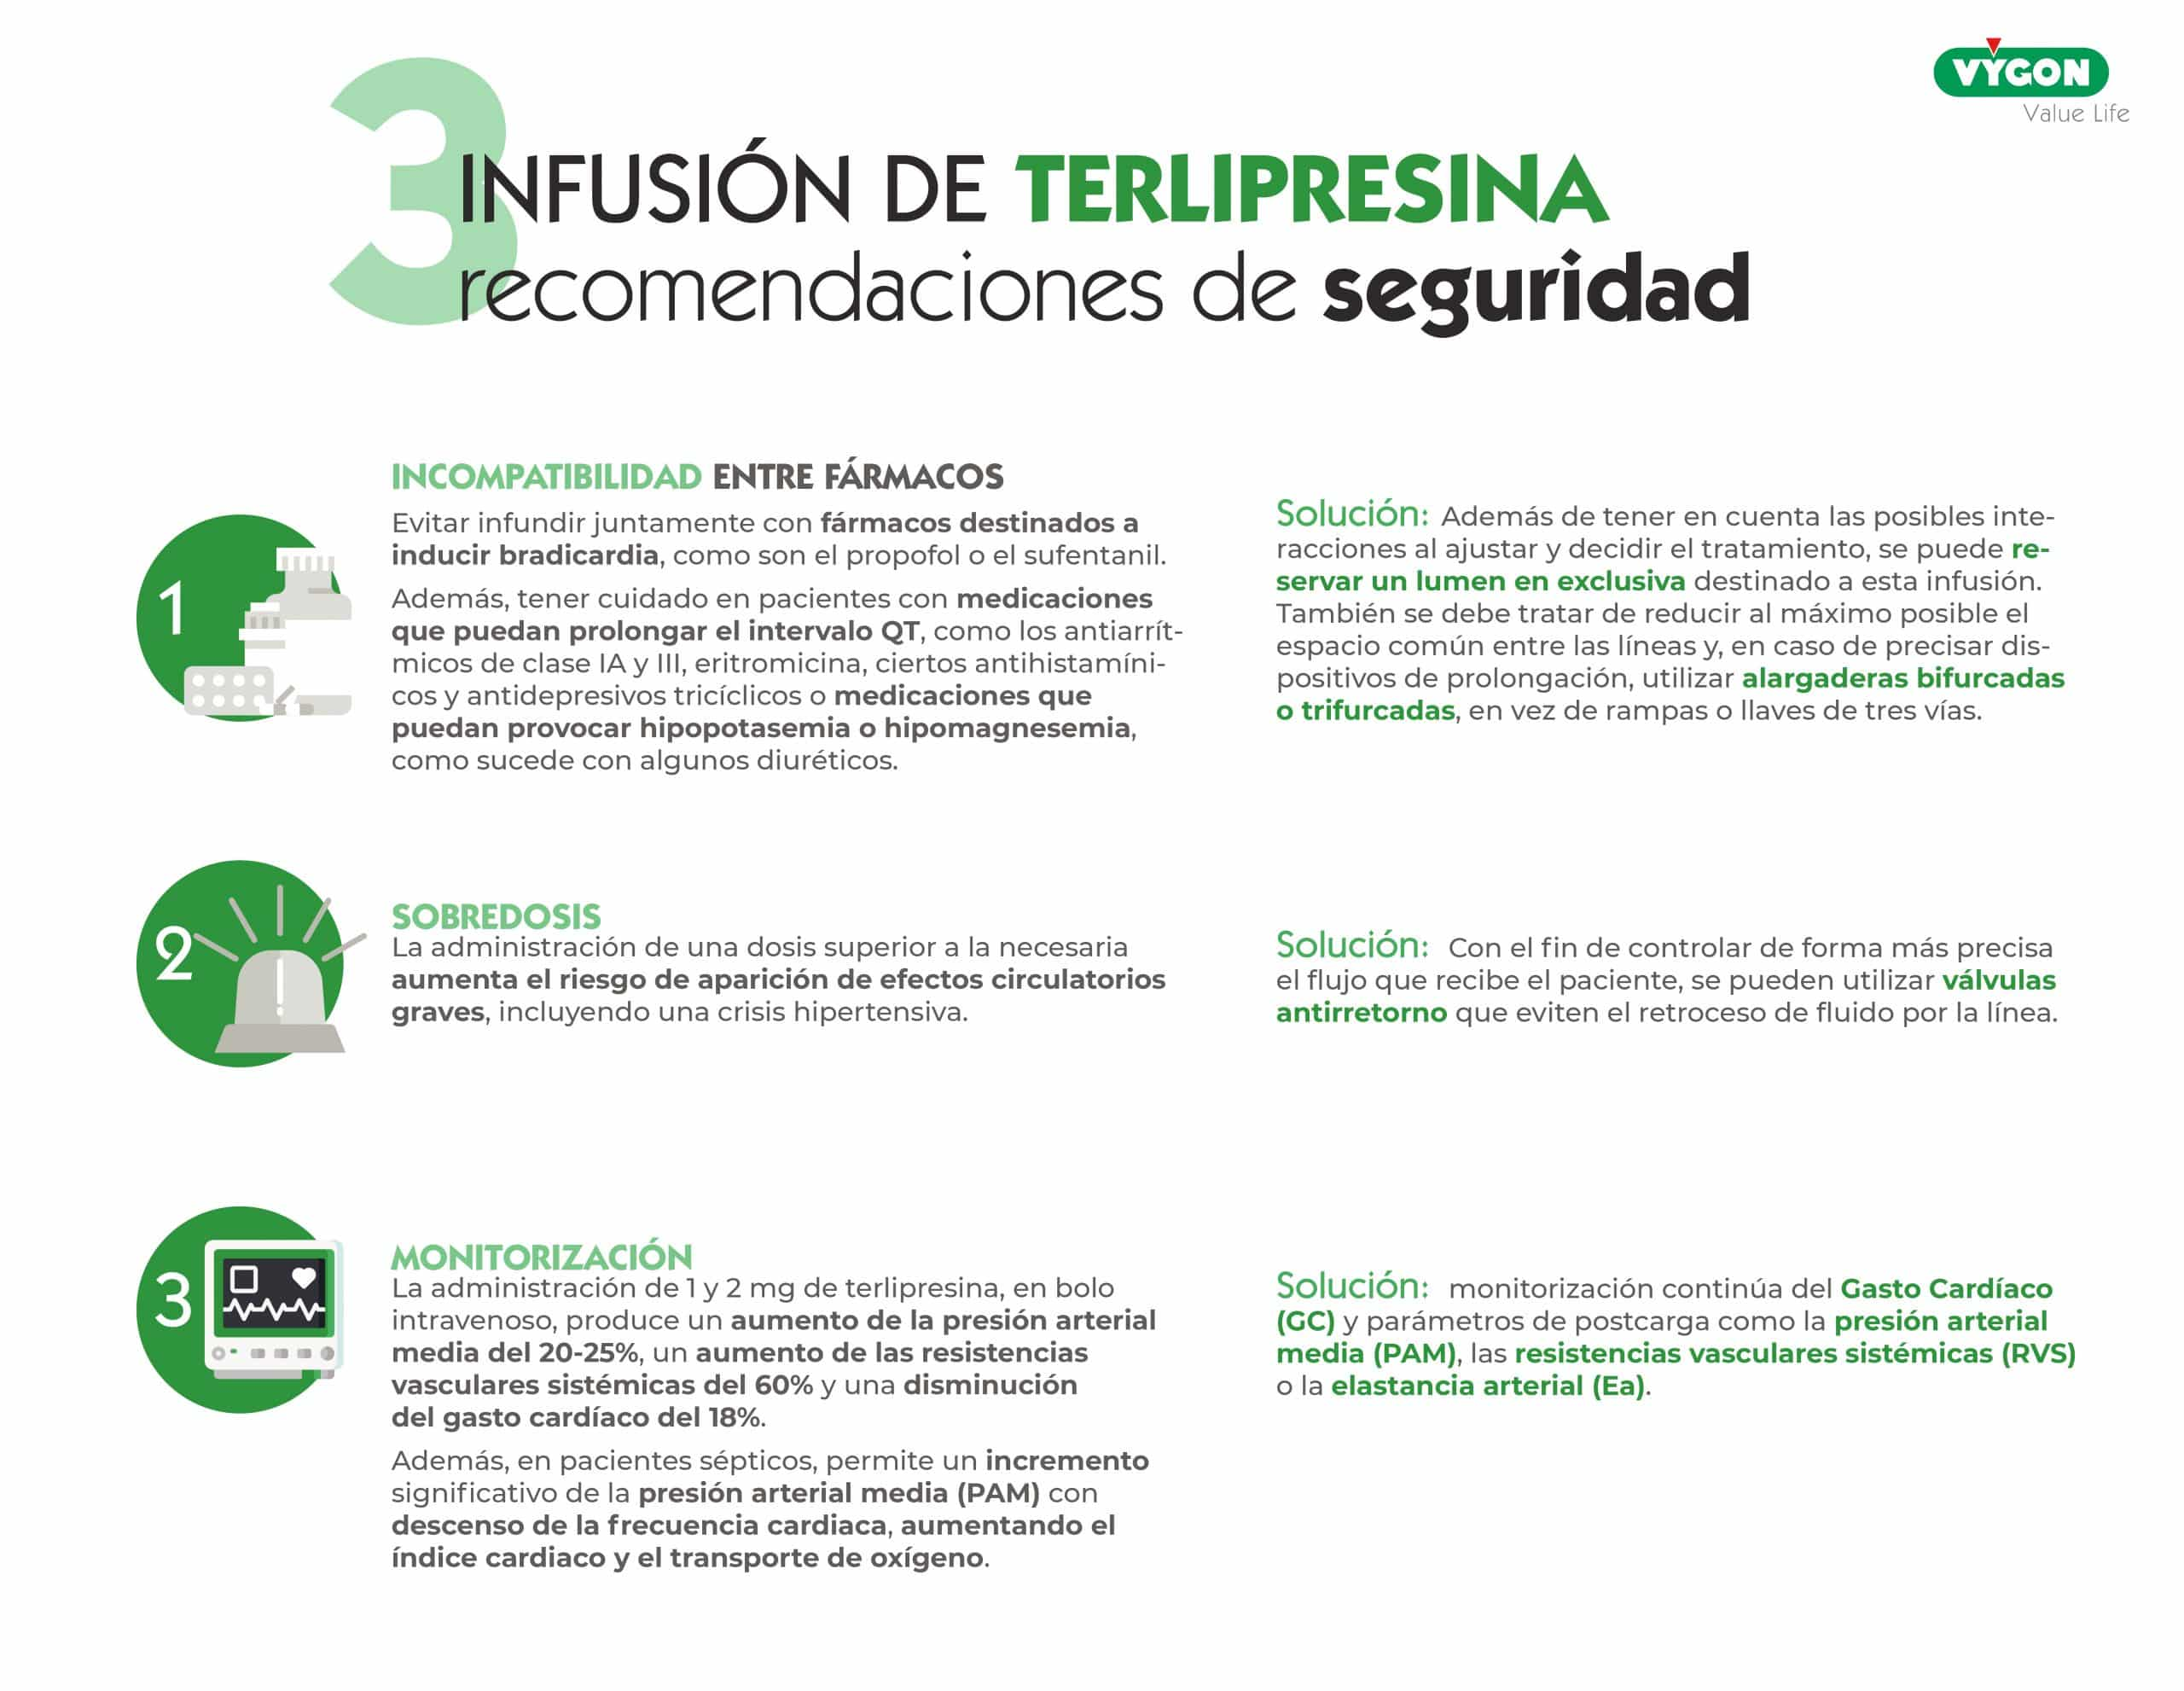 recomendaciones de seguridad en la infusión de terlipresina